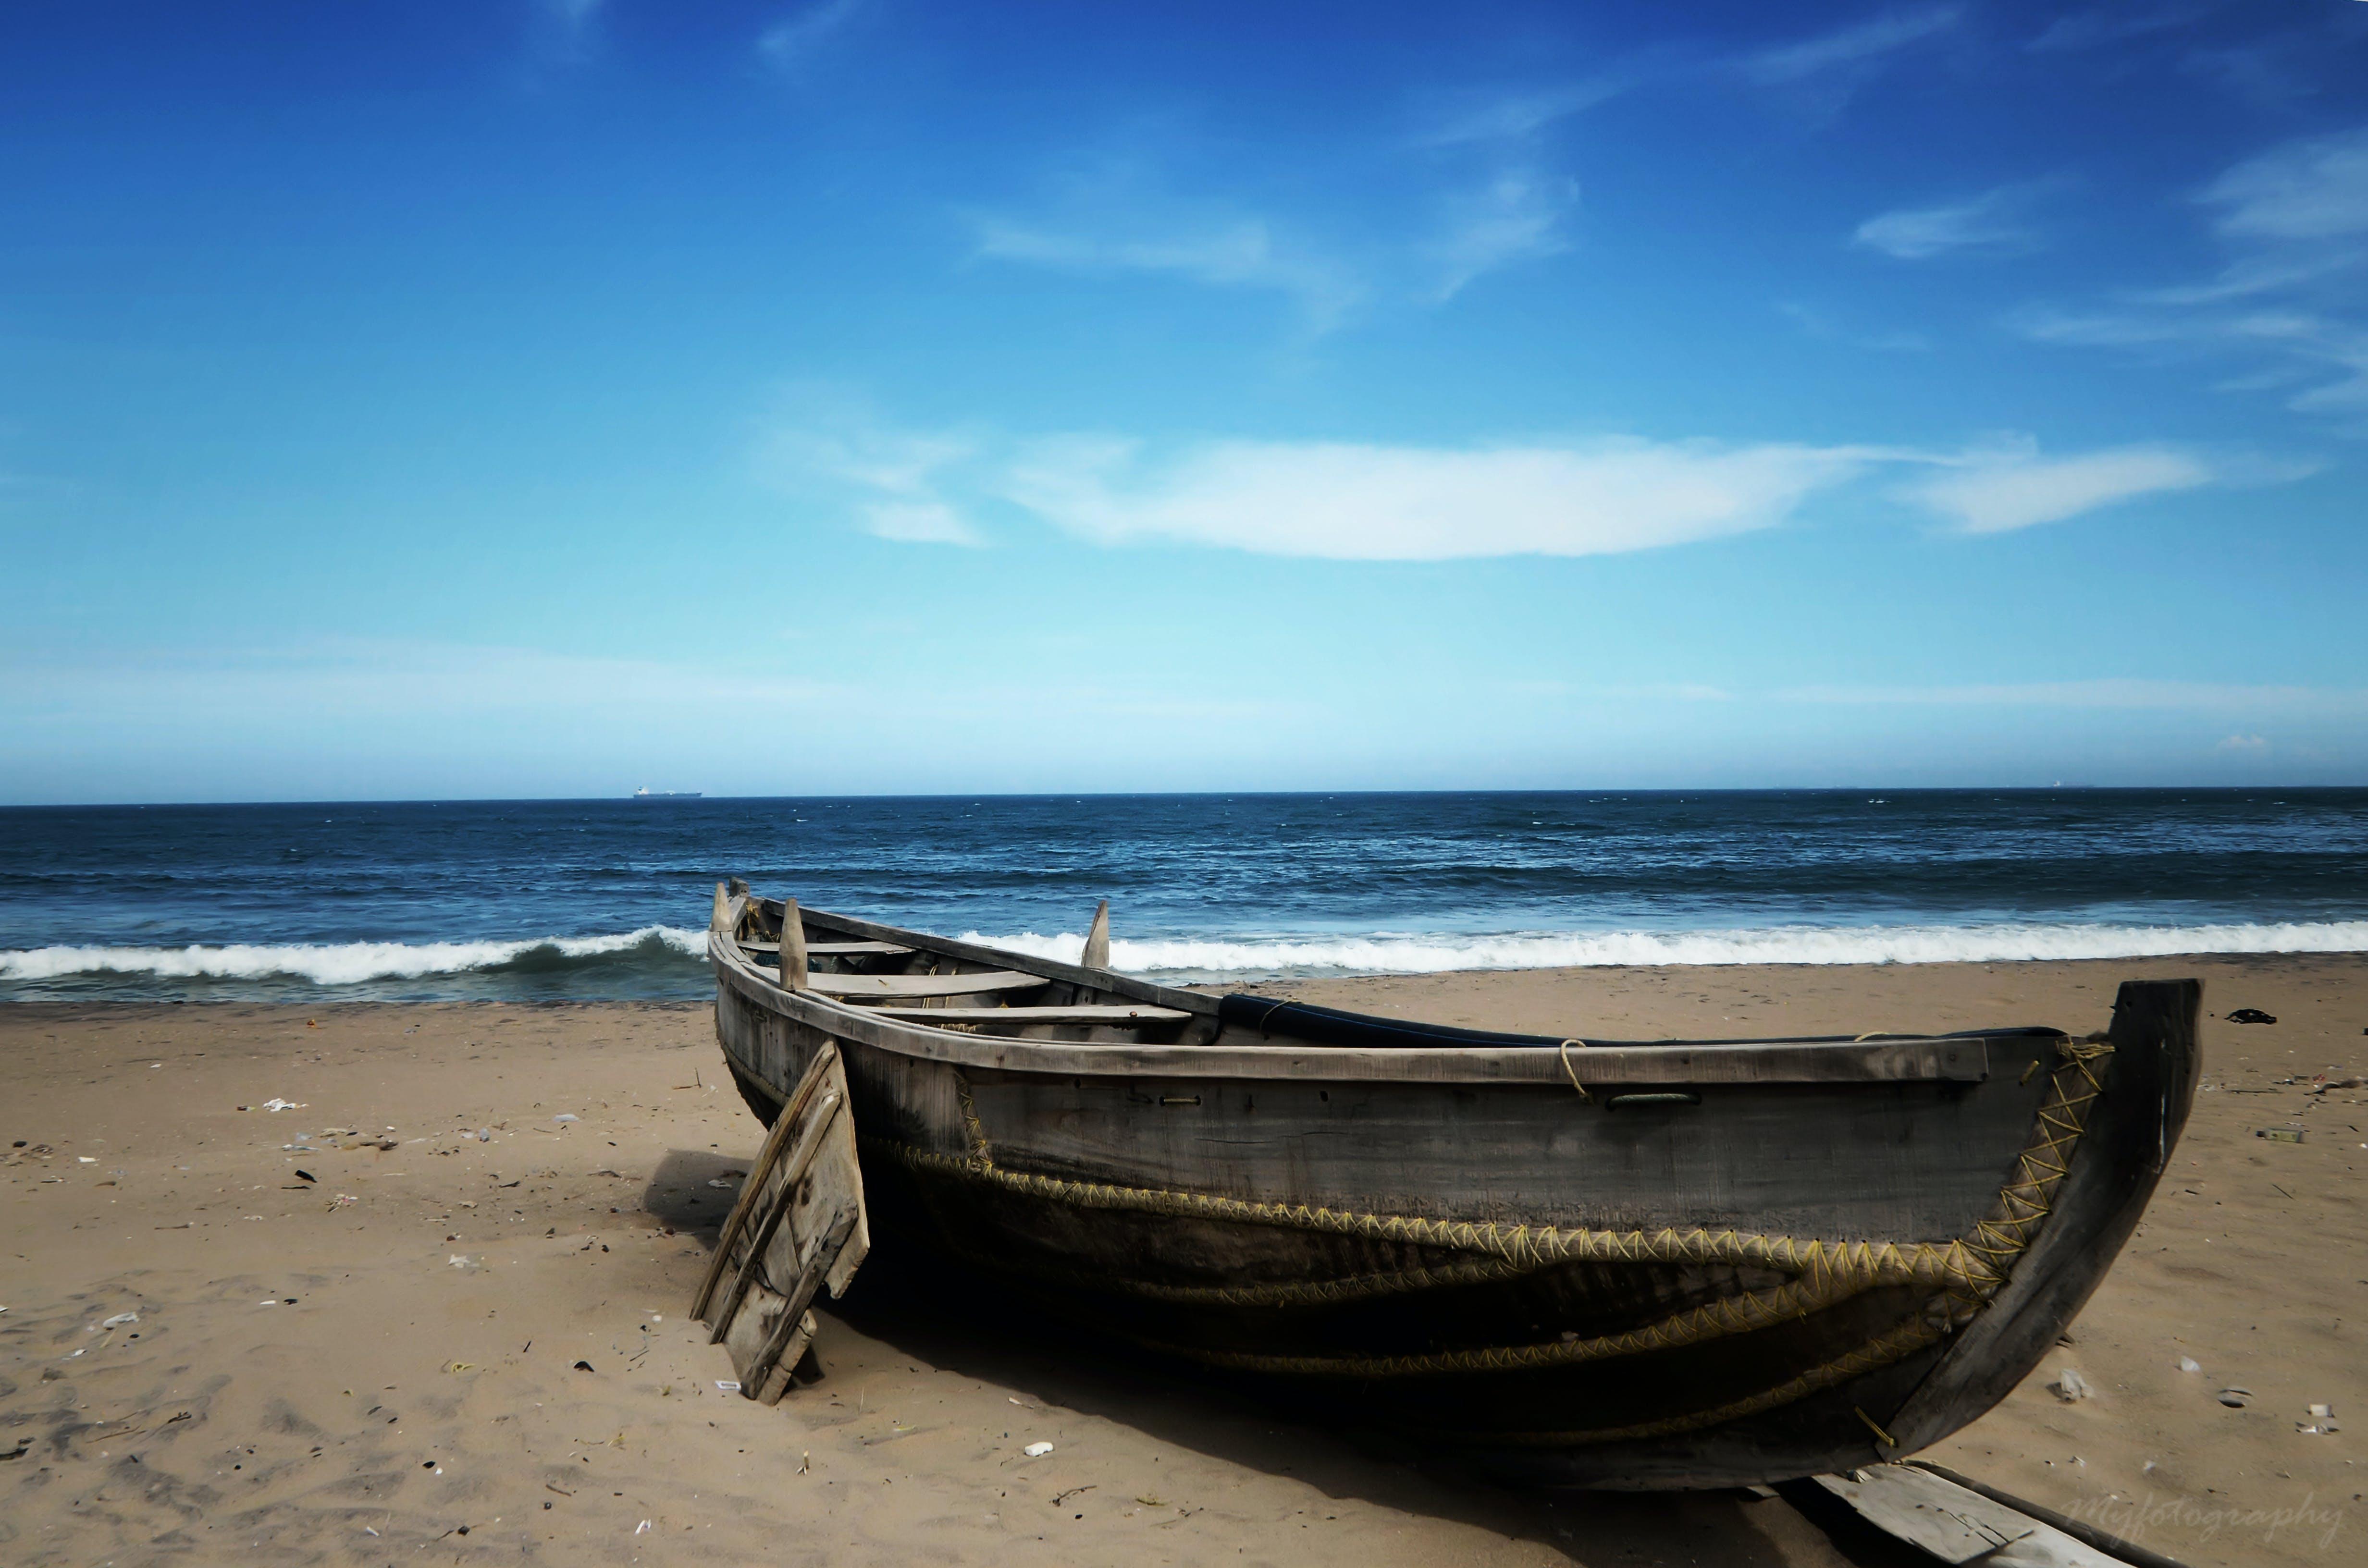 Gray Canoe Neather Sea Shore